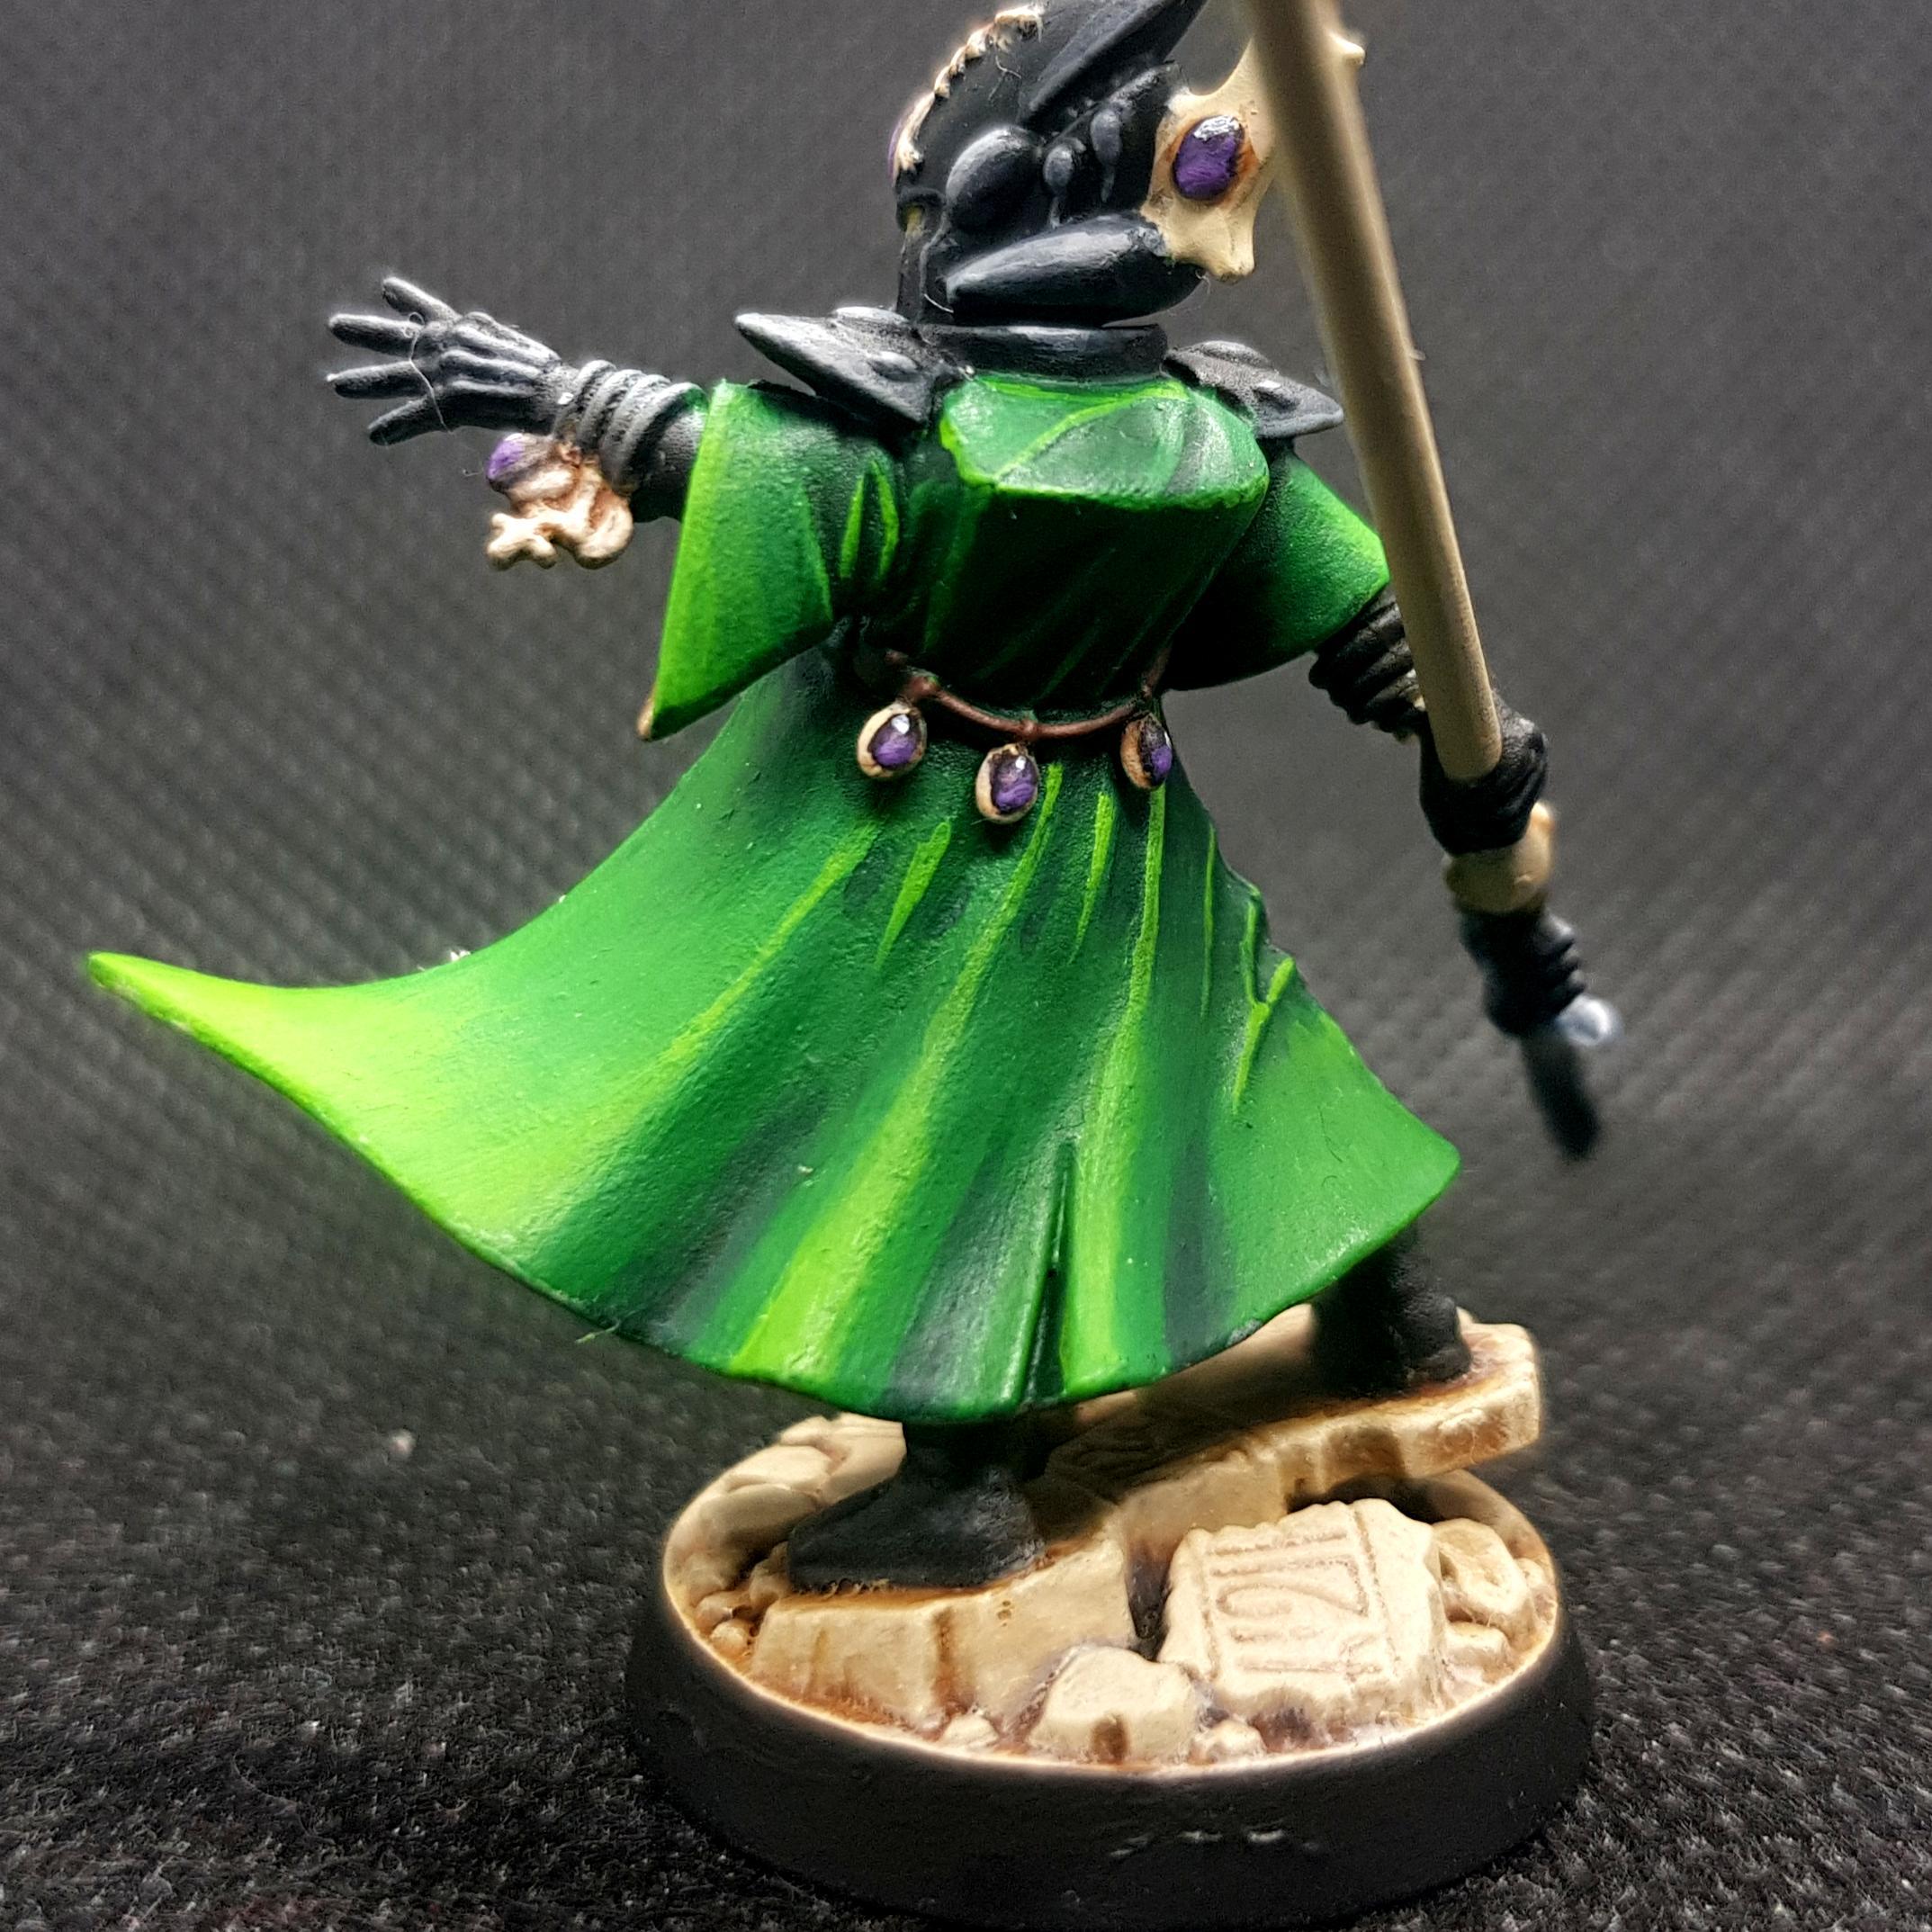 Aeldari, Asuryani, Craftworlds, Eldar, Farseer, Warhammer 40,000, Warhammer Fantasy